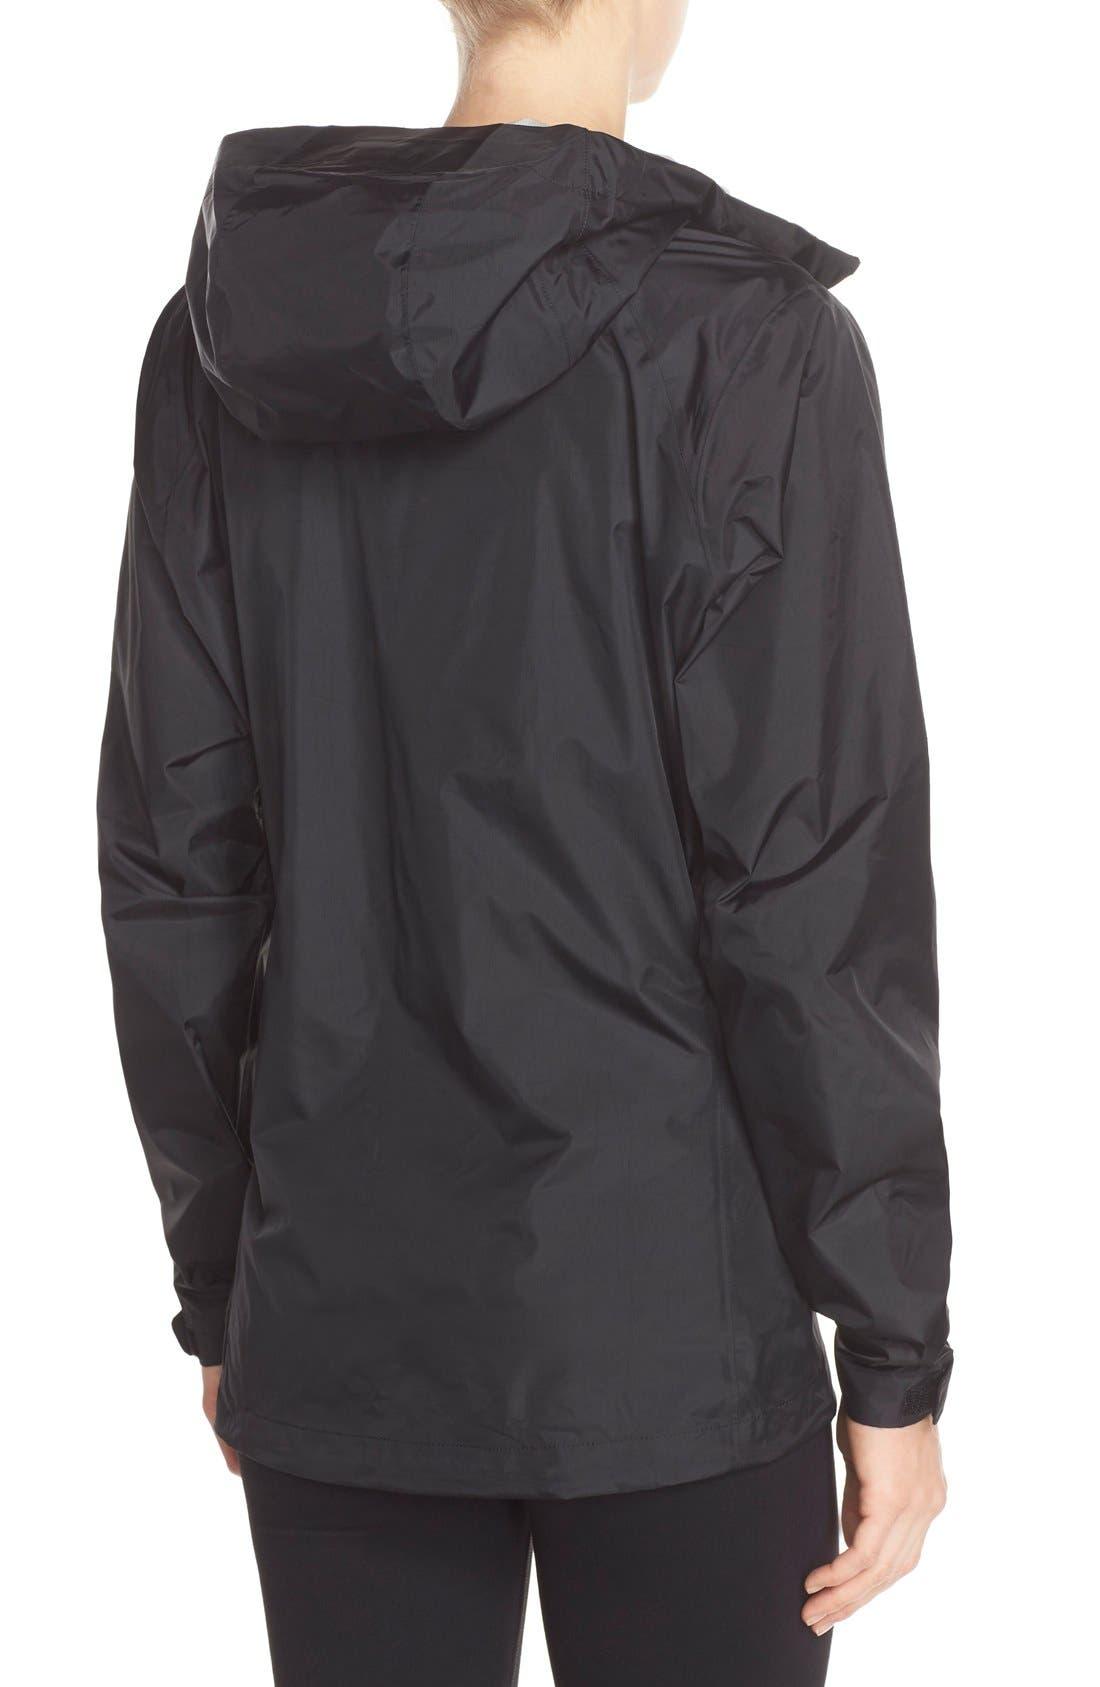 Torrentshell Jacket,                             Alternate thumbnail 2, color,                             Black